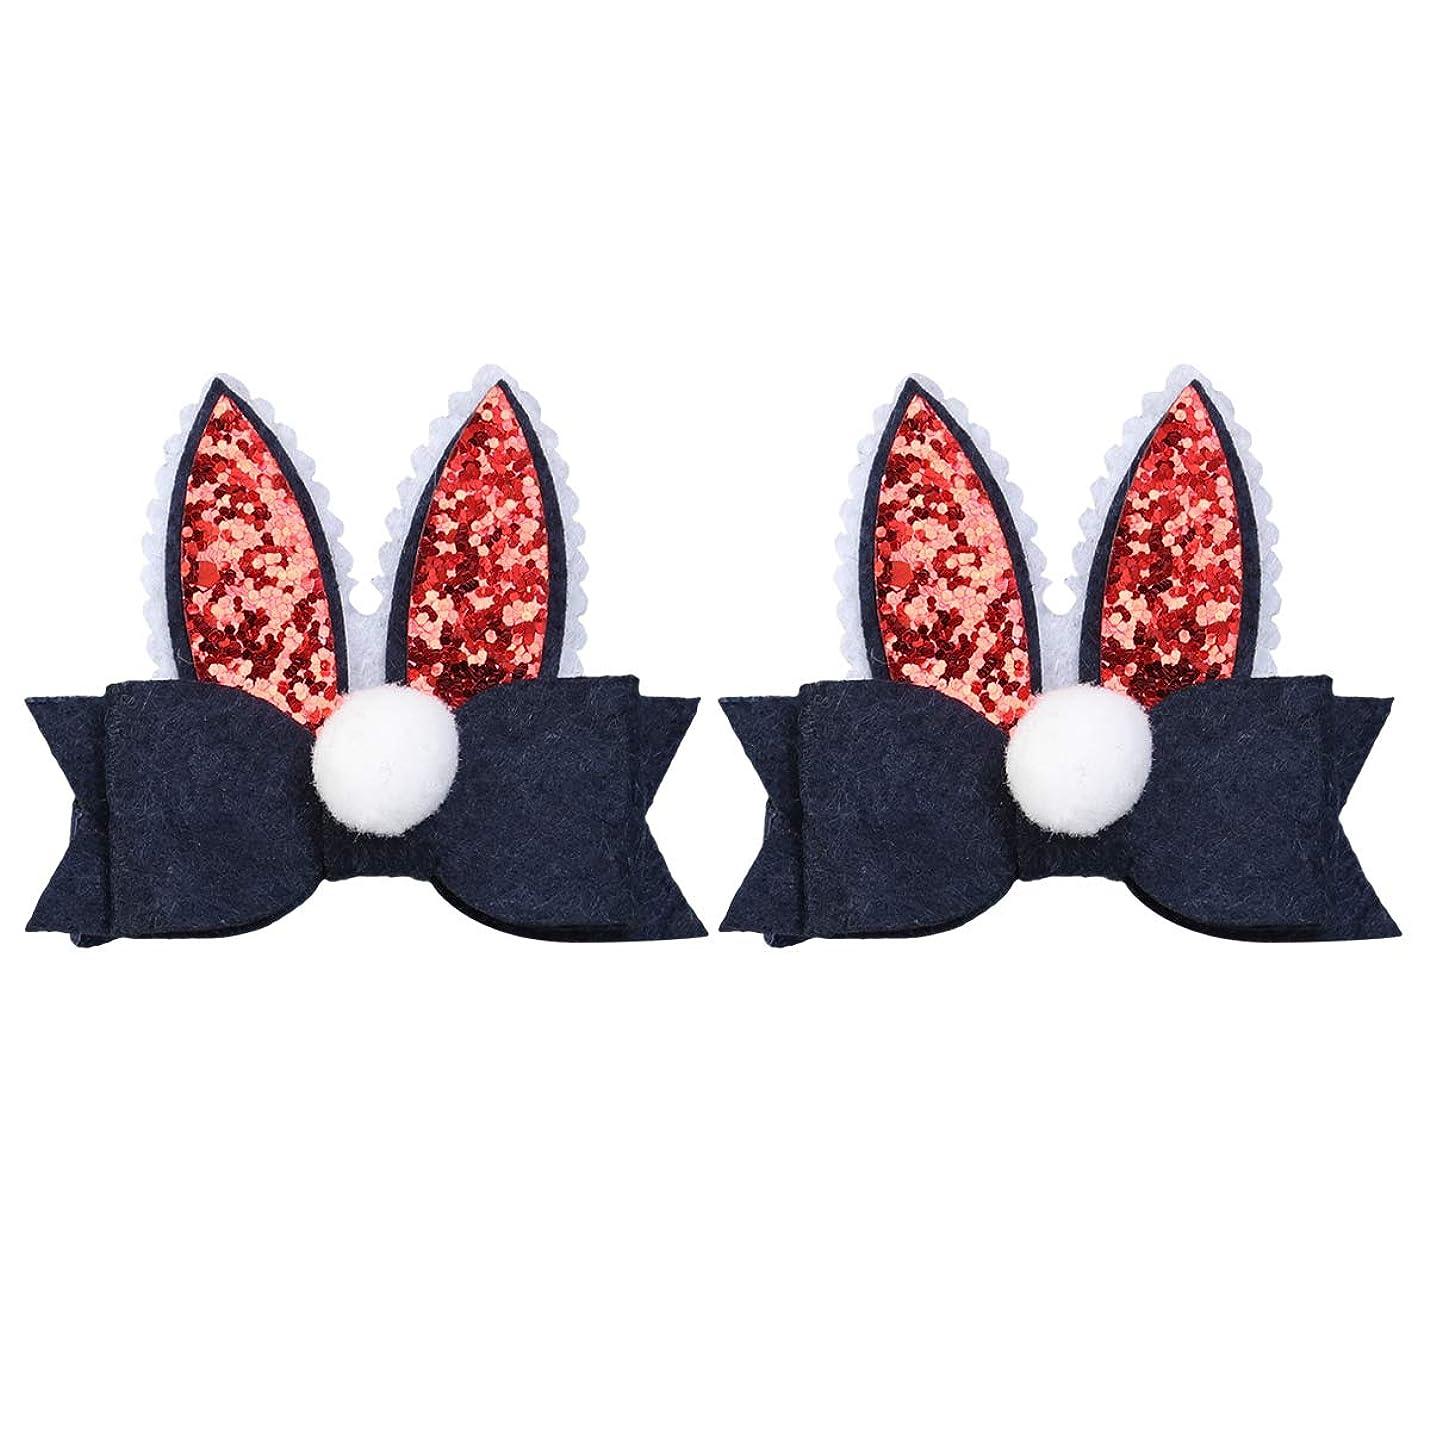 どこでも応援する言及するAMOSFUN 復活祭のウサギのウサギの耳ヘアクリップスパンコール髪の弓の髪ピン髪飾り髪型pom pomの髪飾りイースターパーティー衣装の好意(海軍)